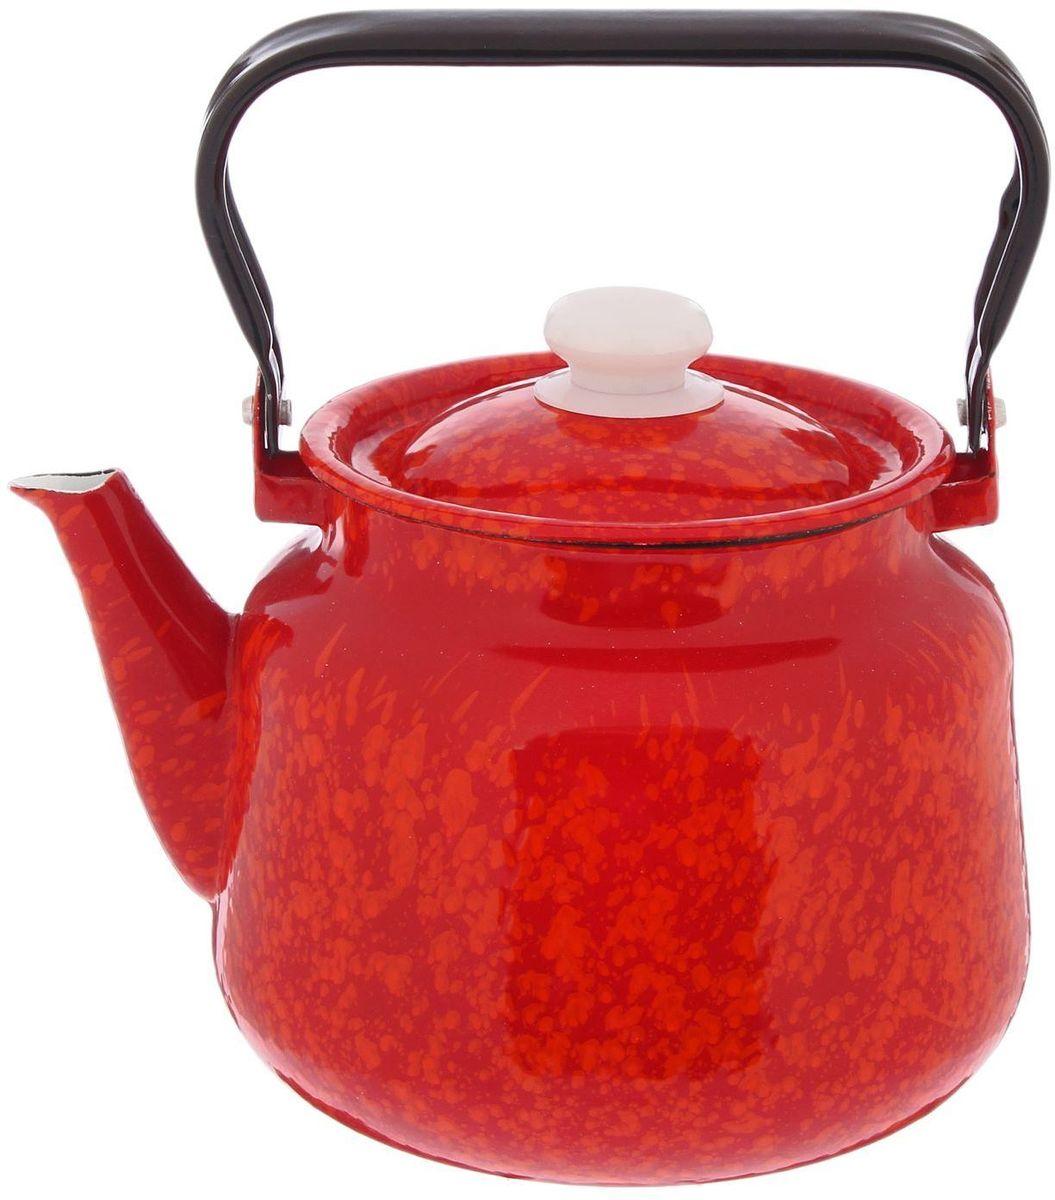 Чайник Epos Галактика, 3,5 л2179389Чайник изготовлен из высококачественного стального проката с эмалированным покрытием. Эмалированная посуда очень удобна в использовании, она практична и элегантна. За такой посудой легко ухаживать: чистить и мыть. Чайники с эмалированным покрытием обладают неоспоримым преимуществом: гладкая поверхность не впитывает запахи и препятствует размножению бактерий. Подходит для всех типов плит и для мытья в посудомоечной машине.